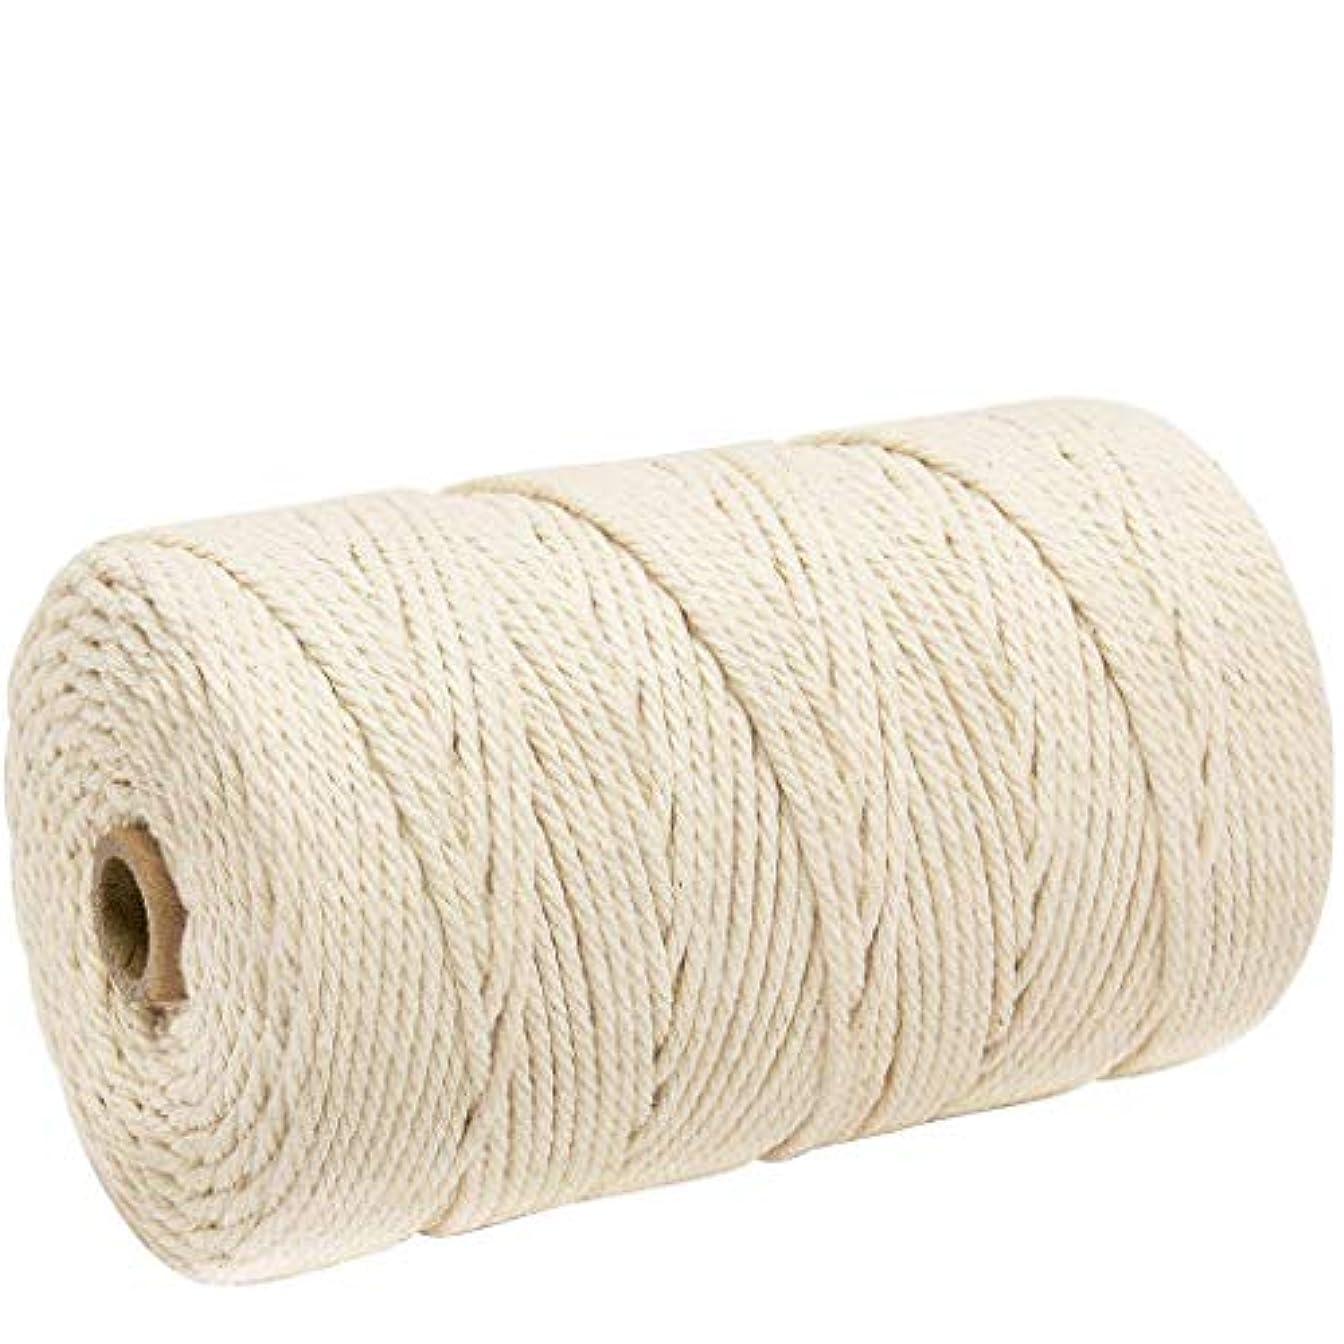 端末モロニック項目ナチュラルコットン マクラメ ロープ 紐 糸 手作り編み糸 綿 DIY壁掛けハンガークラフト編みコードロープ 3㎜ 200m (ライスホワイト)